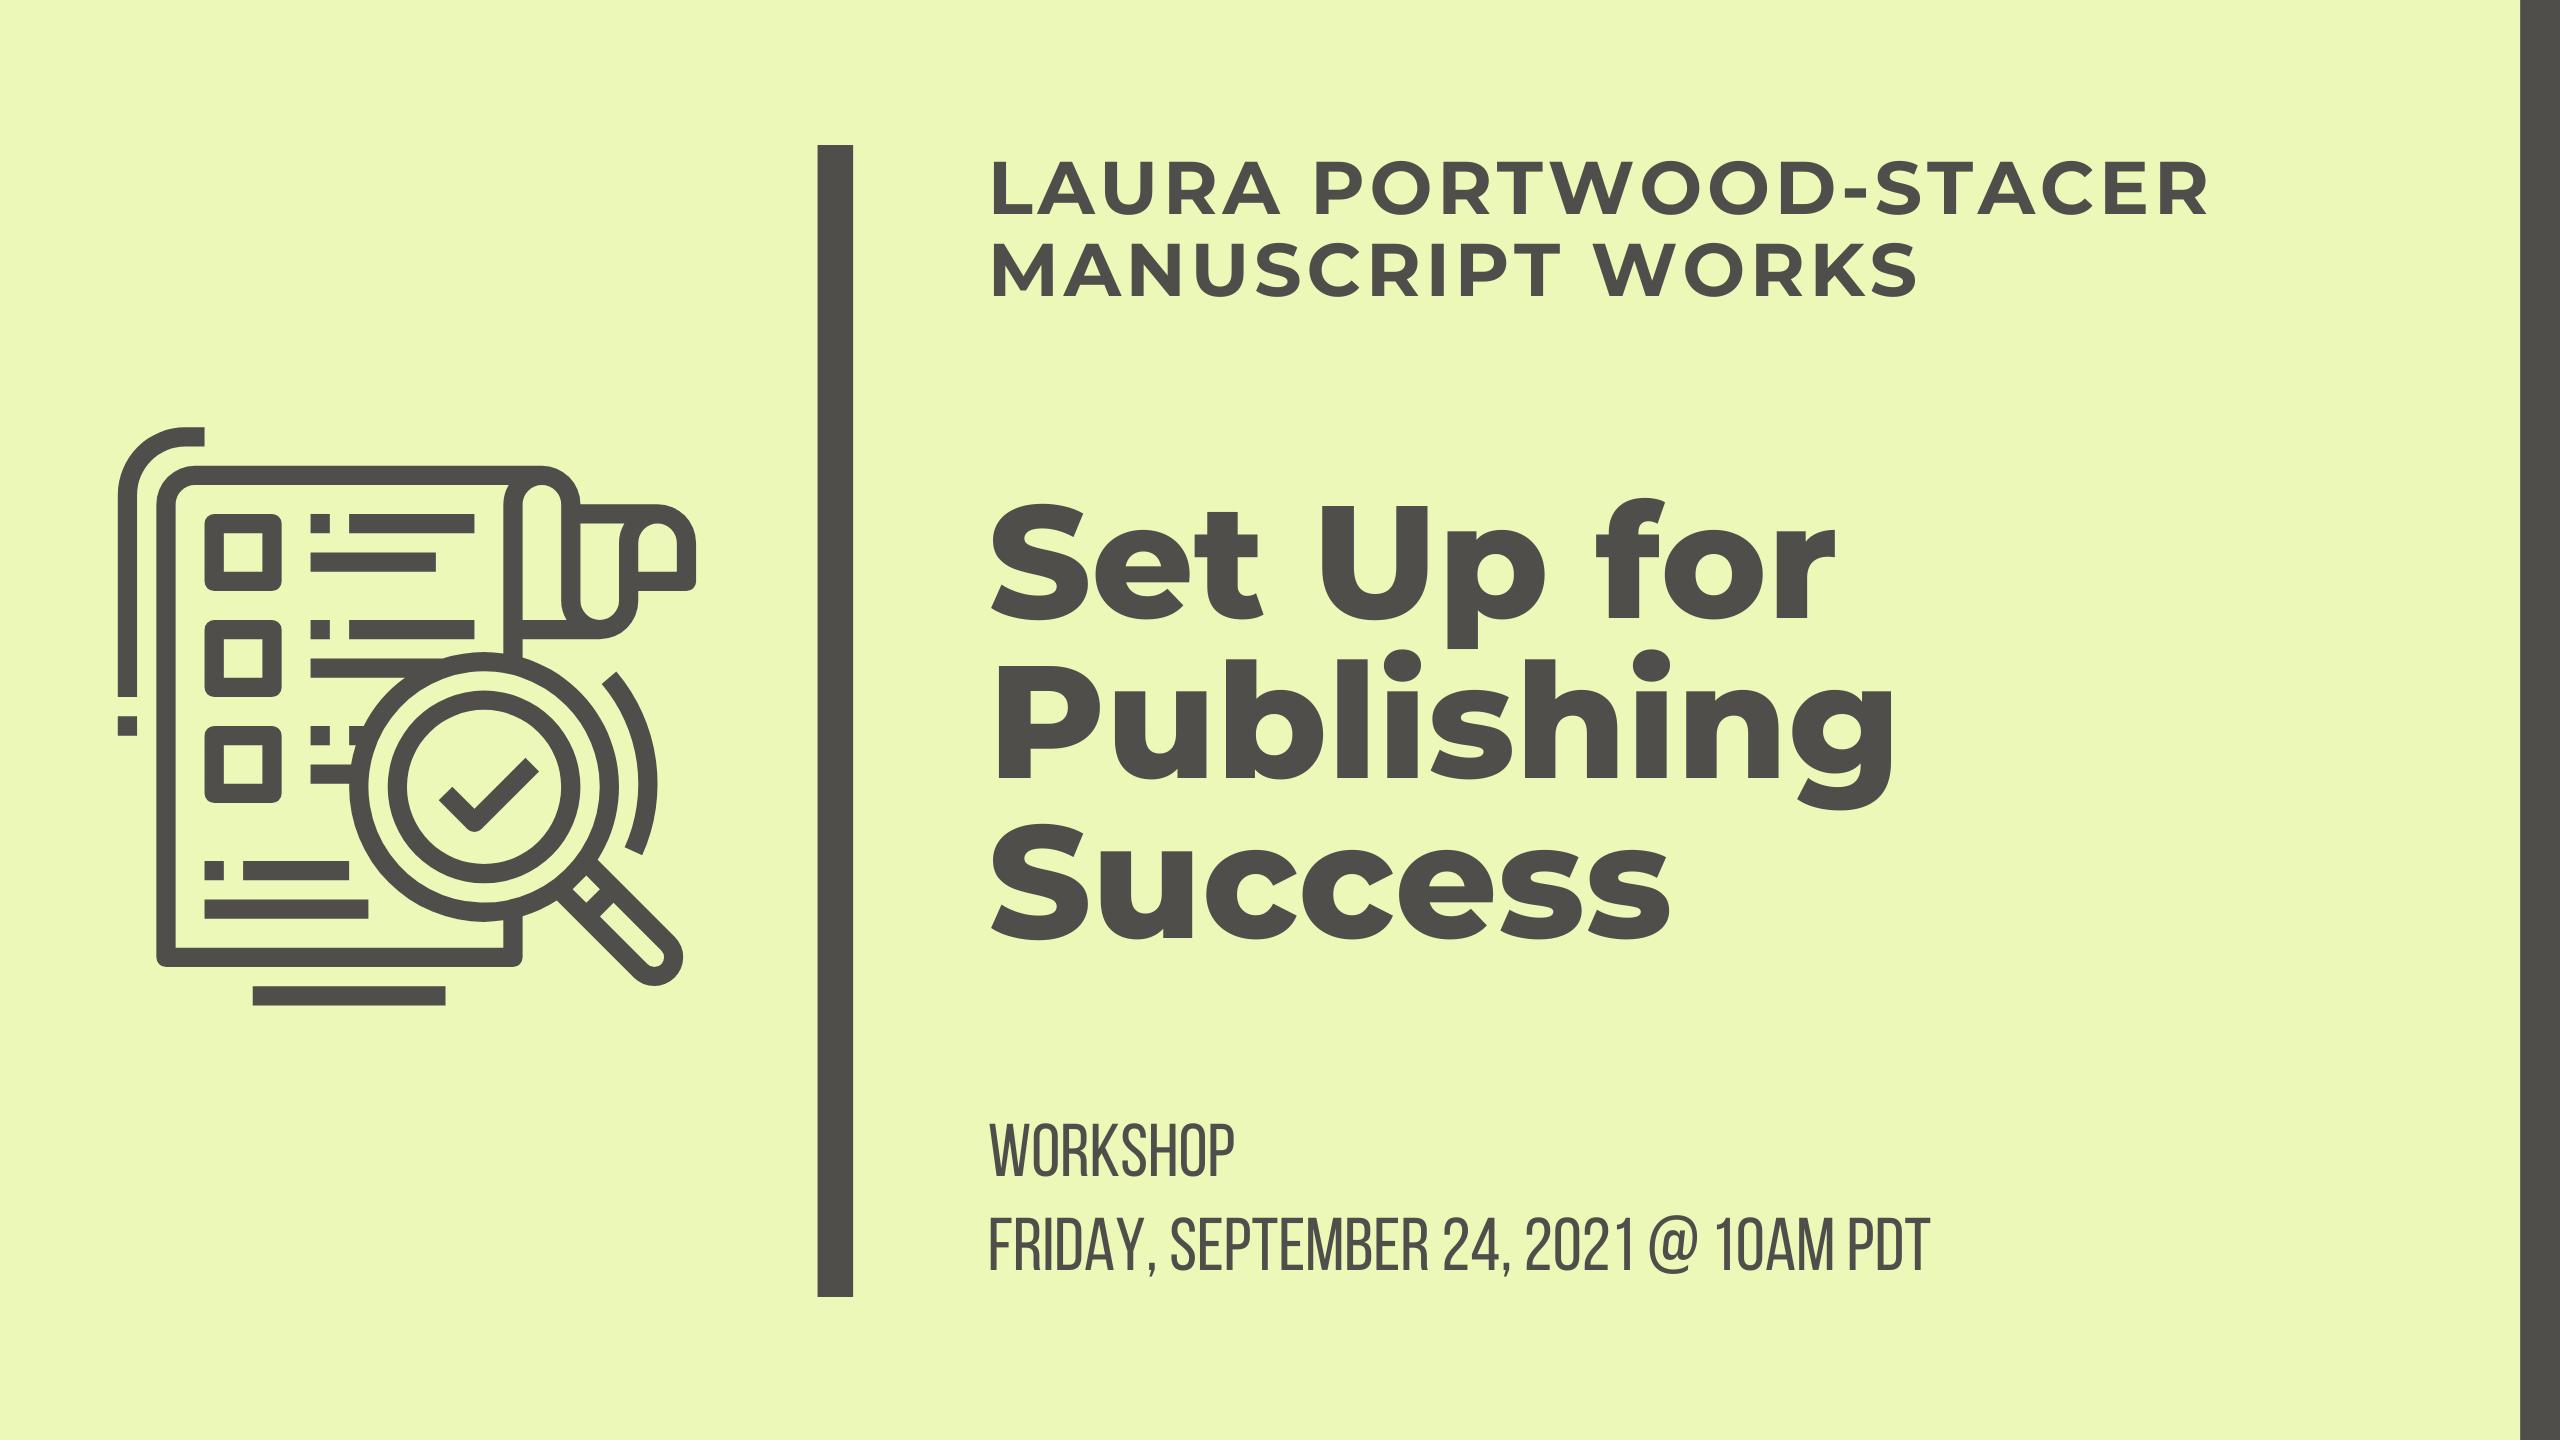 Laura Portwood-Stacer, Manuscript Works, Set Up for Publishing Success, Workshop, Friday, September 24, 2021 at 10am PDT